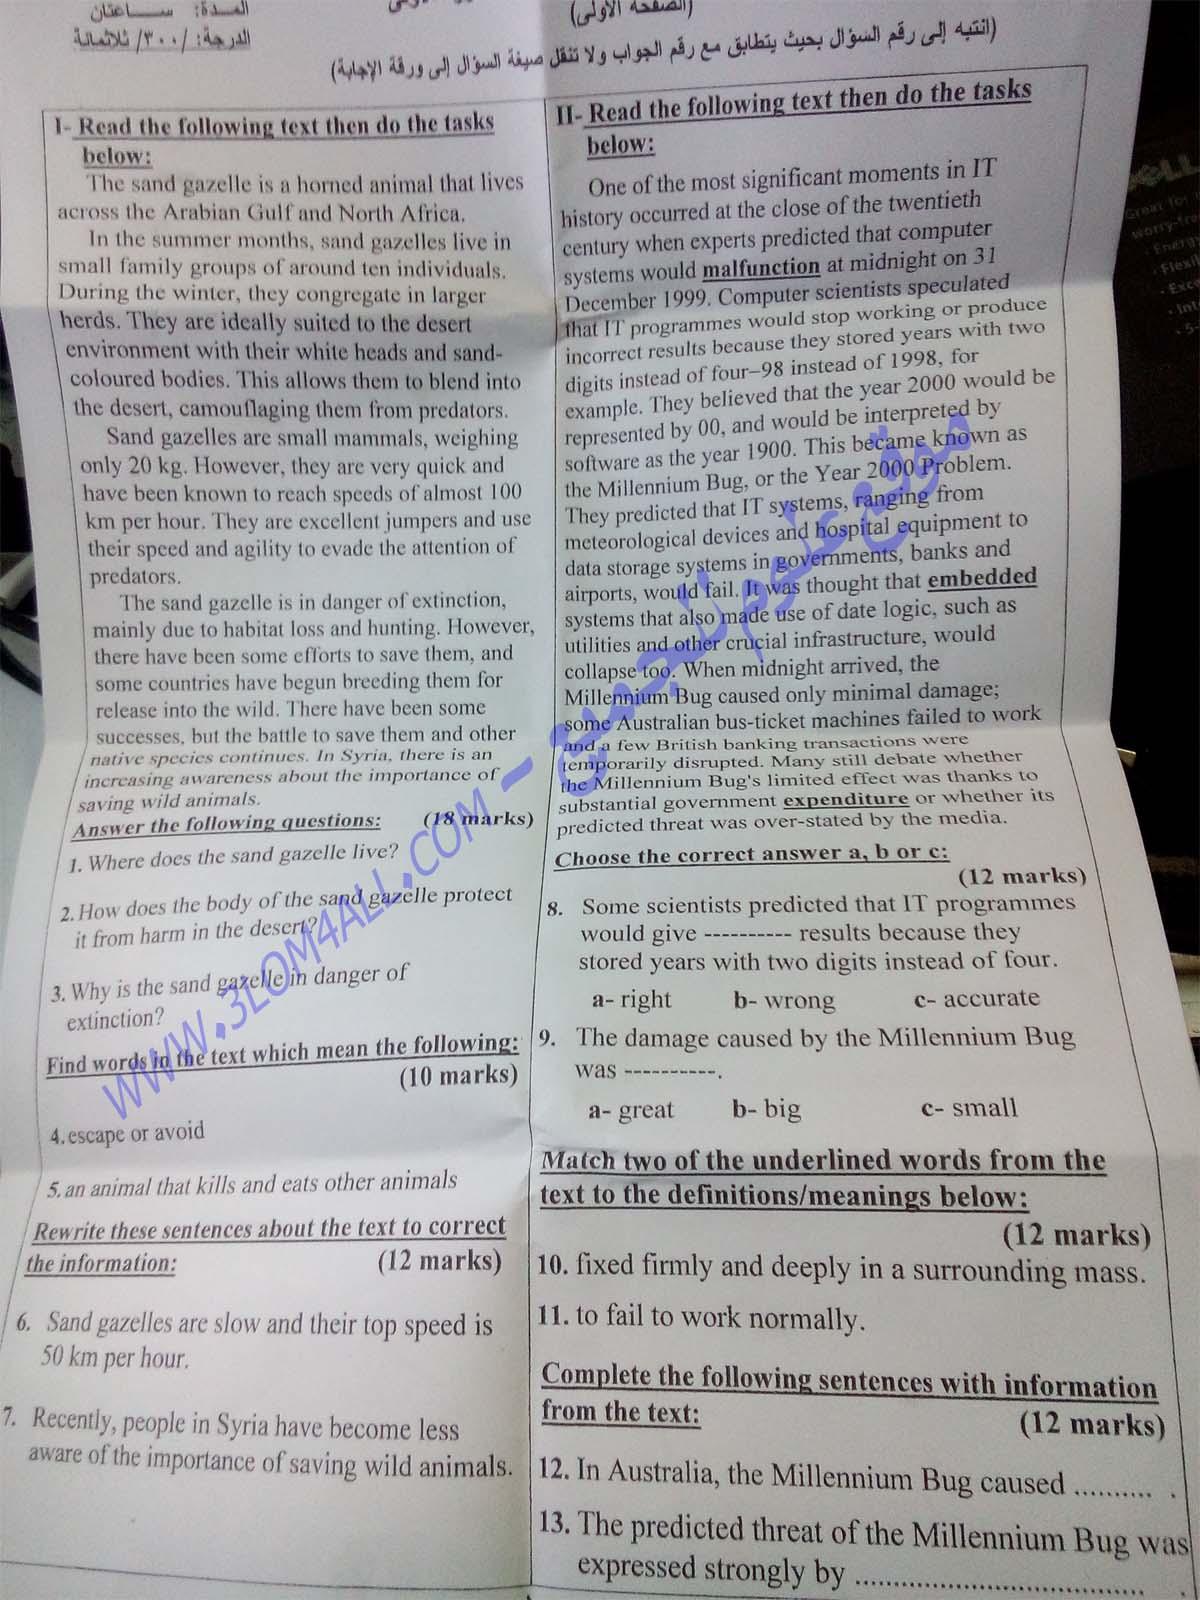 وزارة التربية قي سوريا : ورقة امتحان شهادة الدراسة الثانوية العامة دورة 2014 - اللغة الانكليزية الفرع العلمي